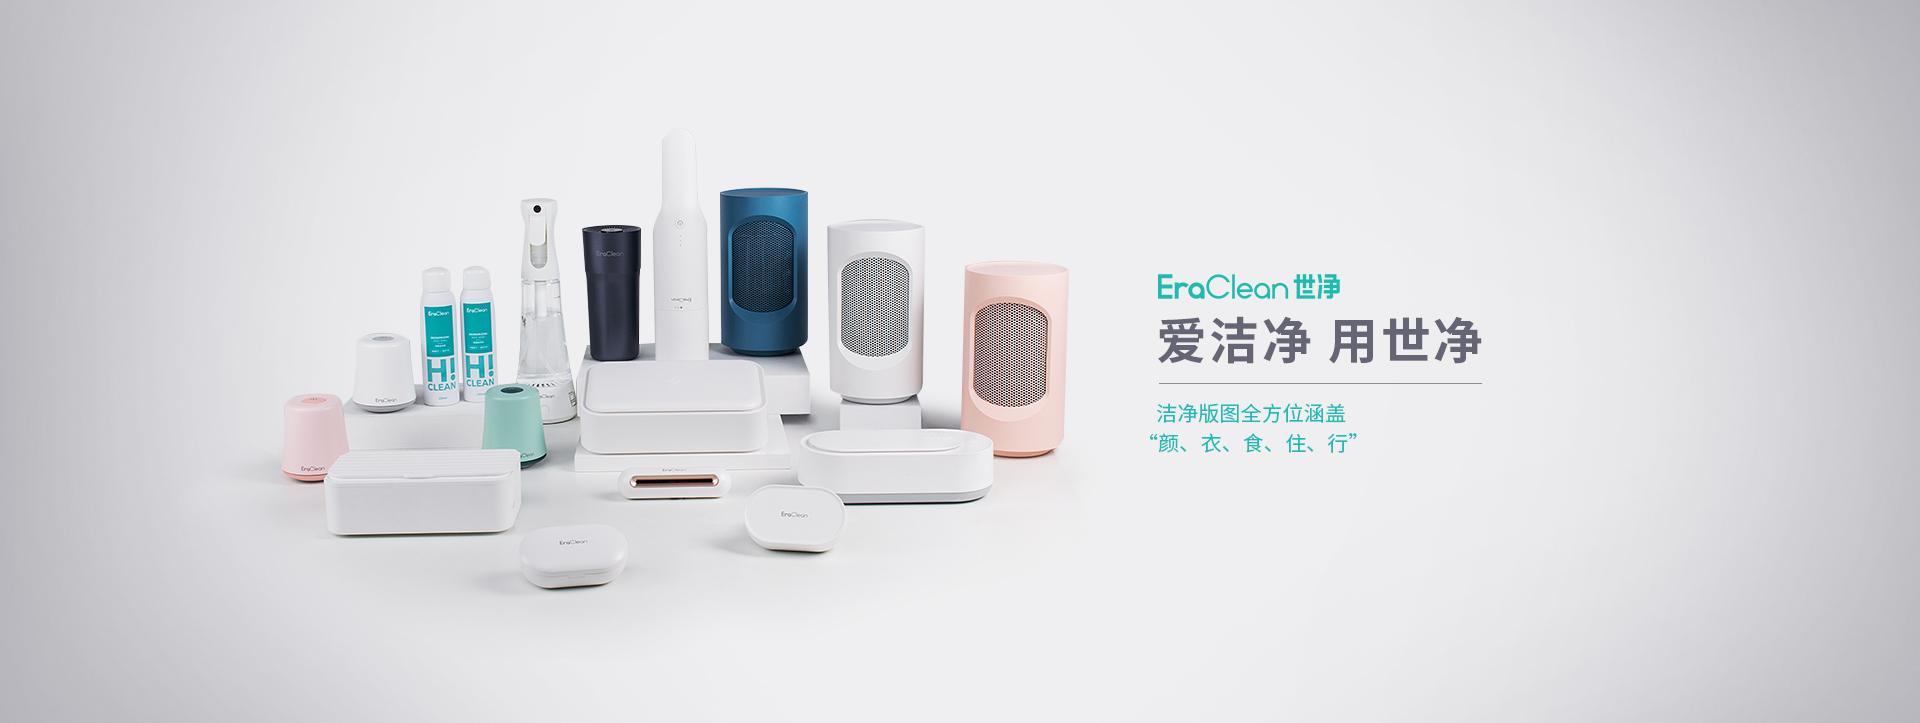 EraClean世净宣布品牌LOGO全球升级